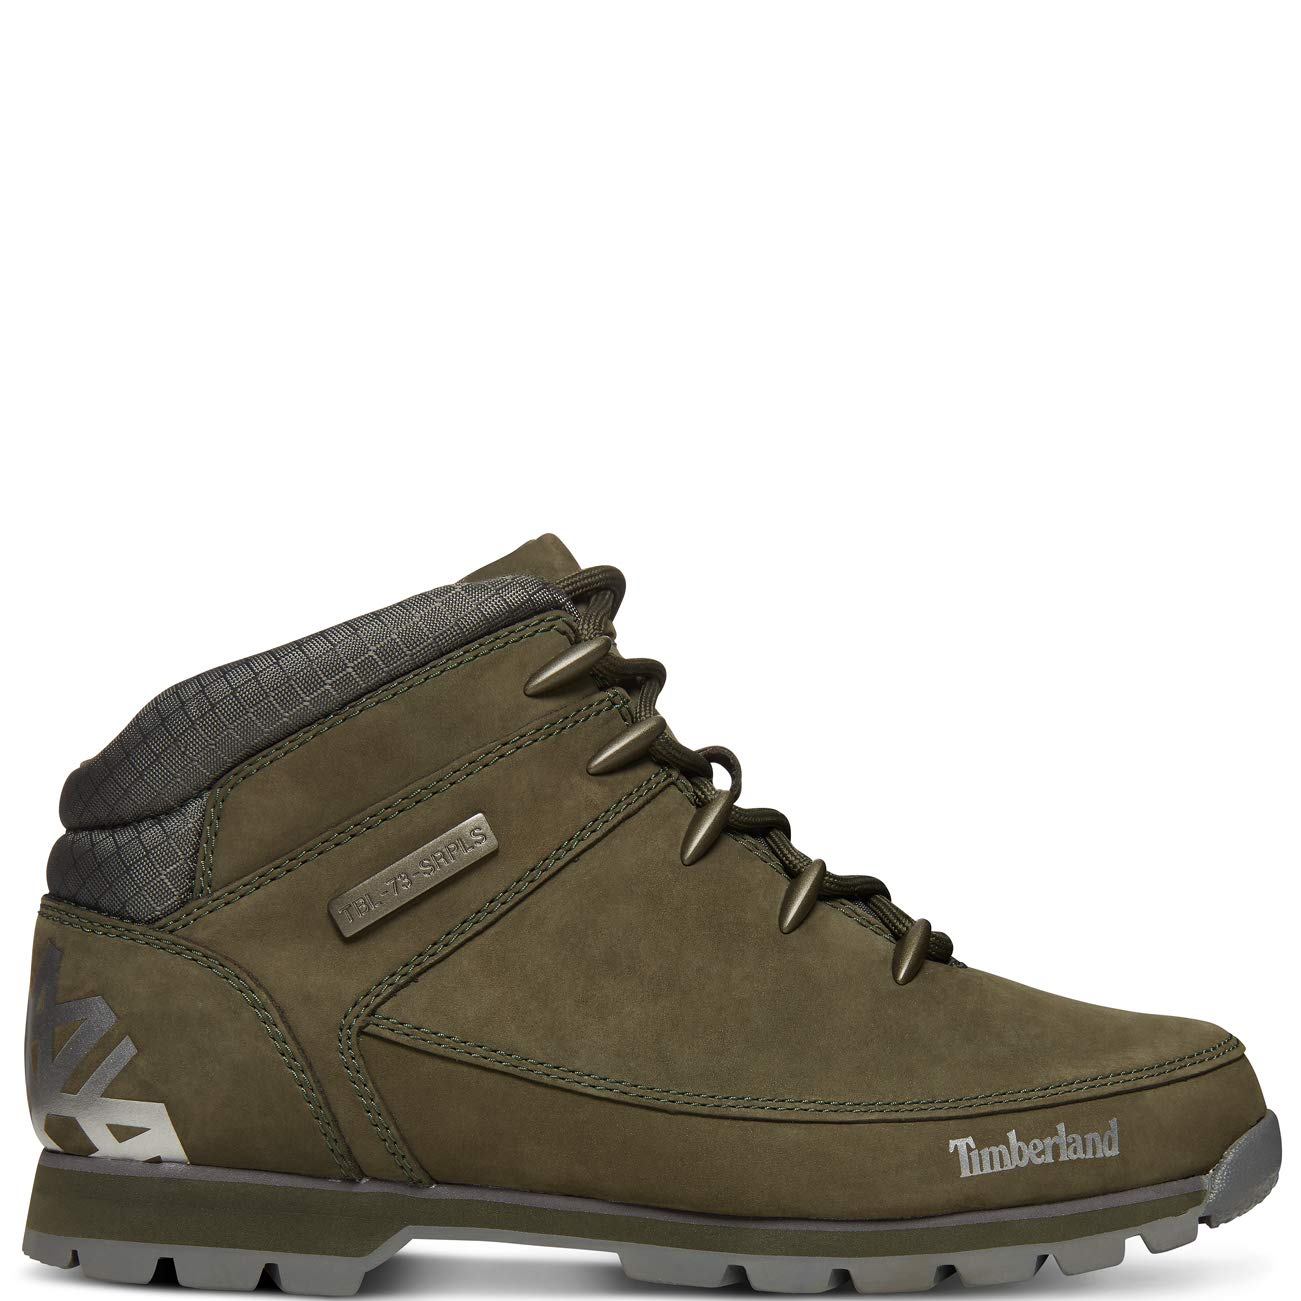 3226c33df76494 Timberland Euro Sprint, Chaussures de randonnée homme: Amazon.fr:  Chaussures et Sacs